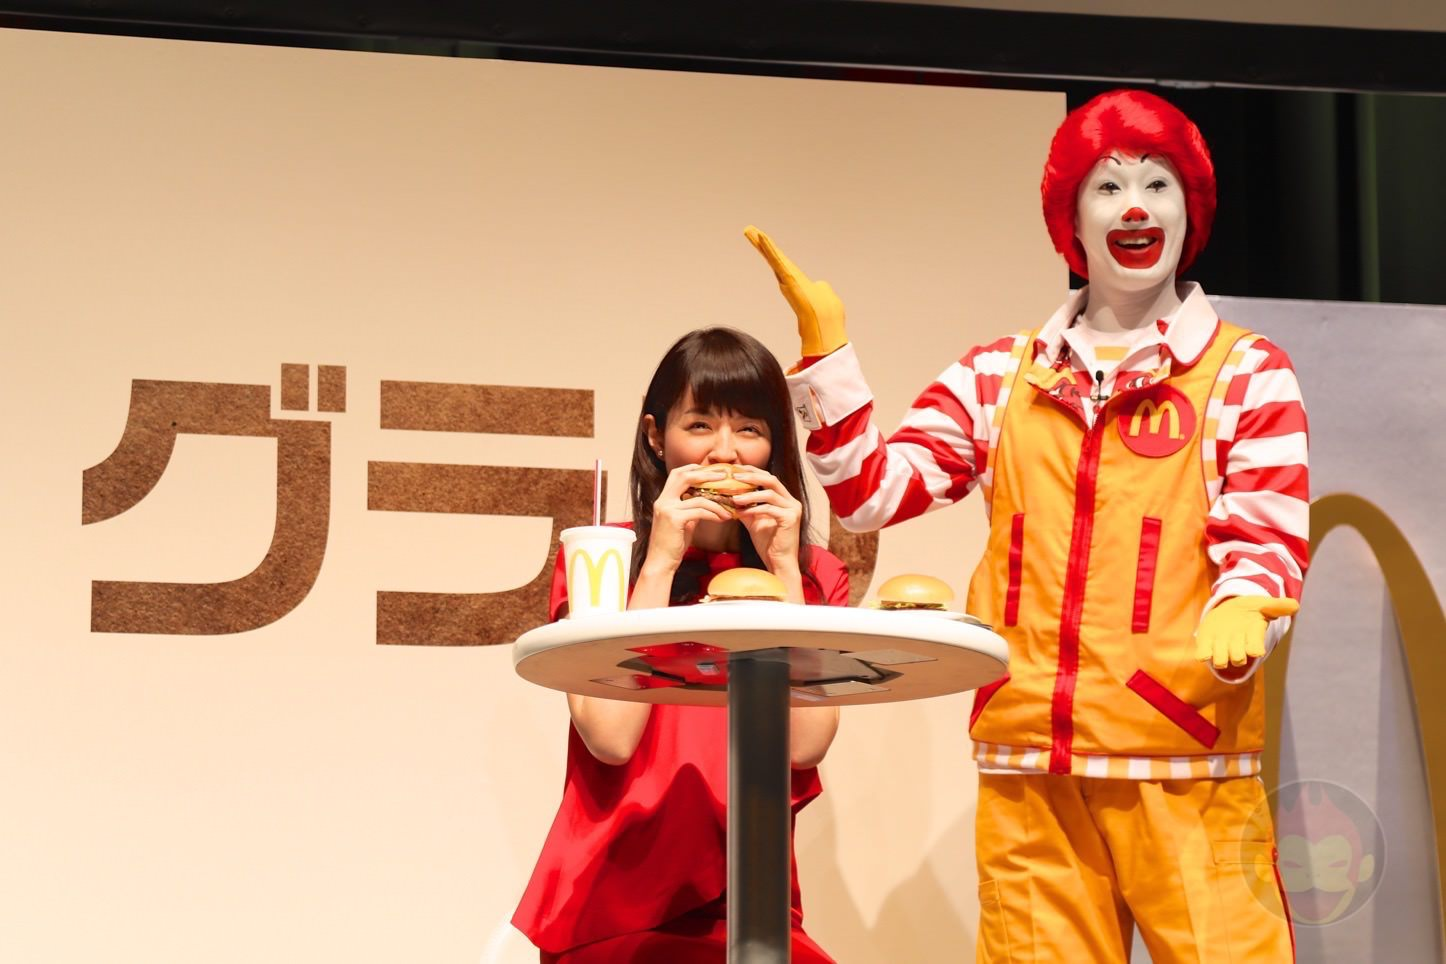 McDonalds-New-Japanese-Menu-Gran-Burgers-05.jpg